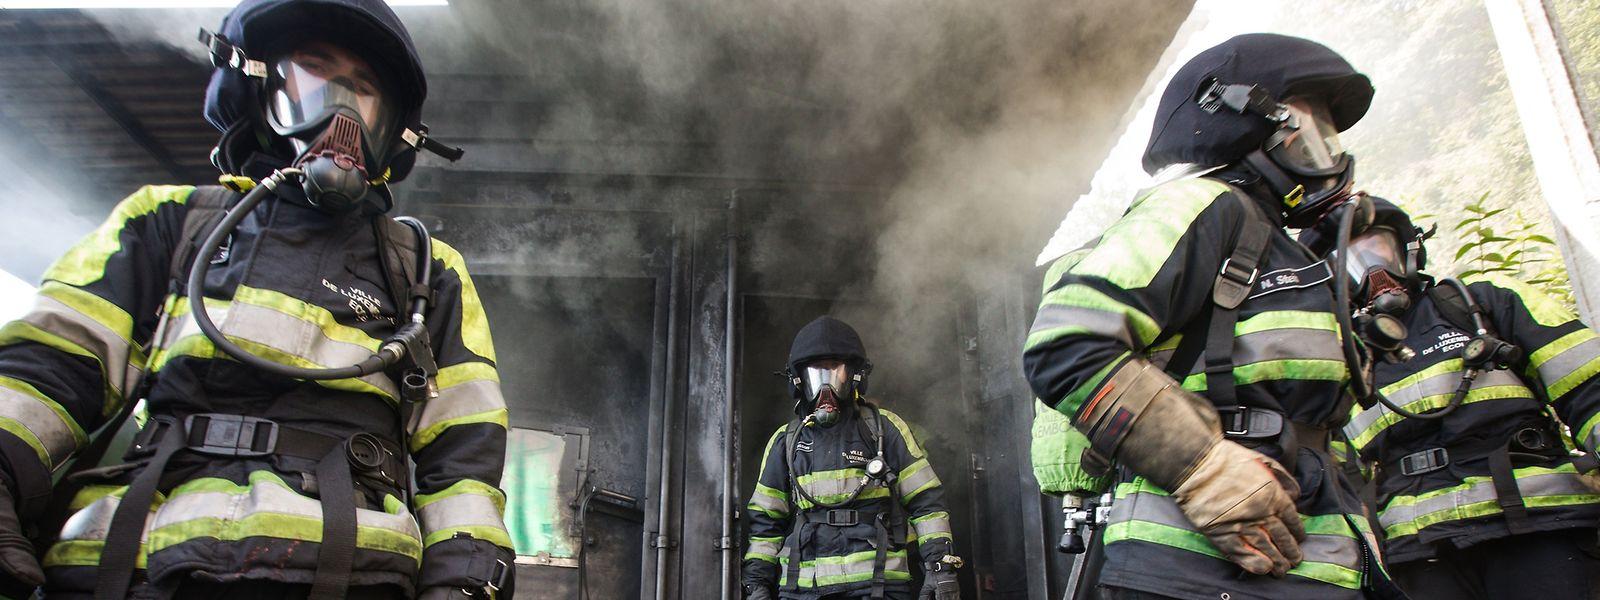 Bei der Einstellung von hauptberuflichen Rettungskräften haben freiwillige Helfer Vorrang.